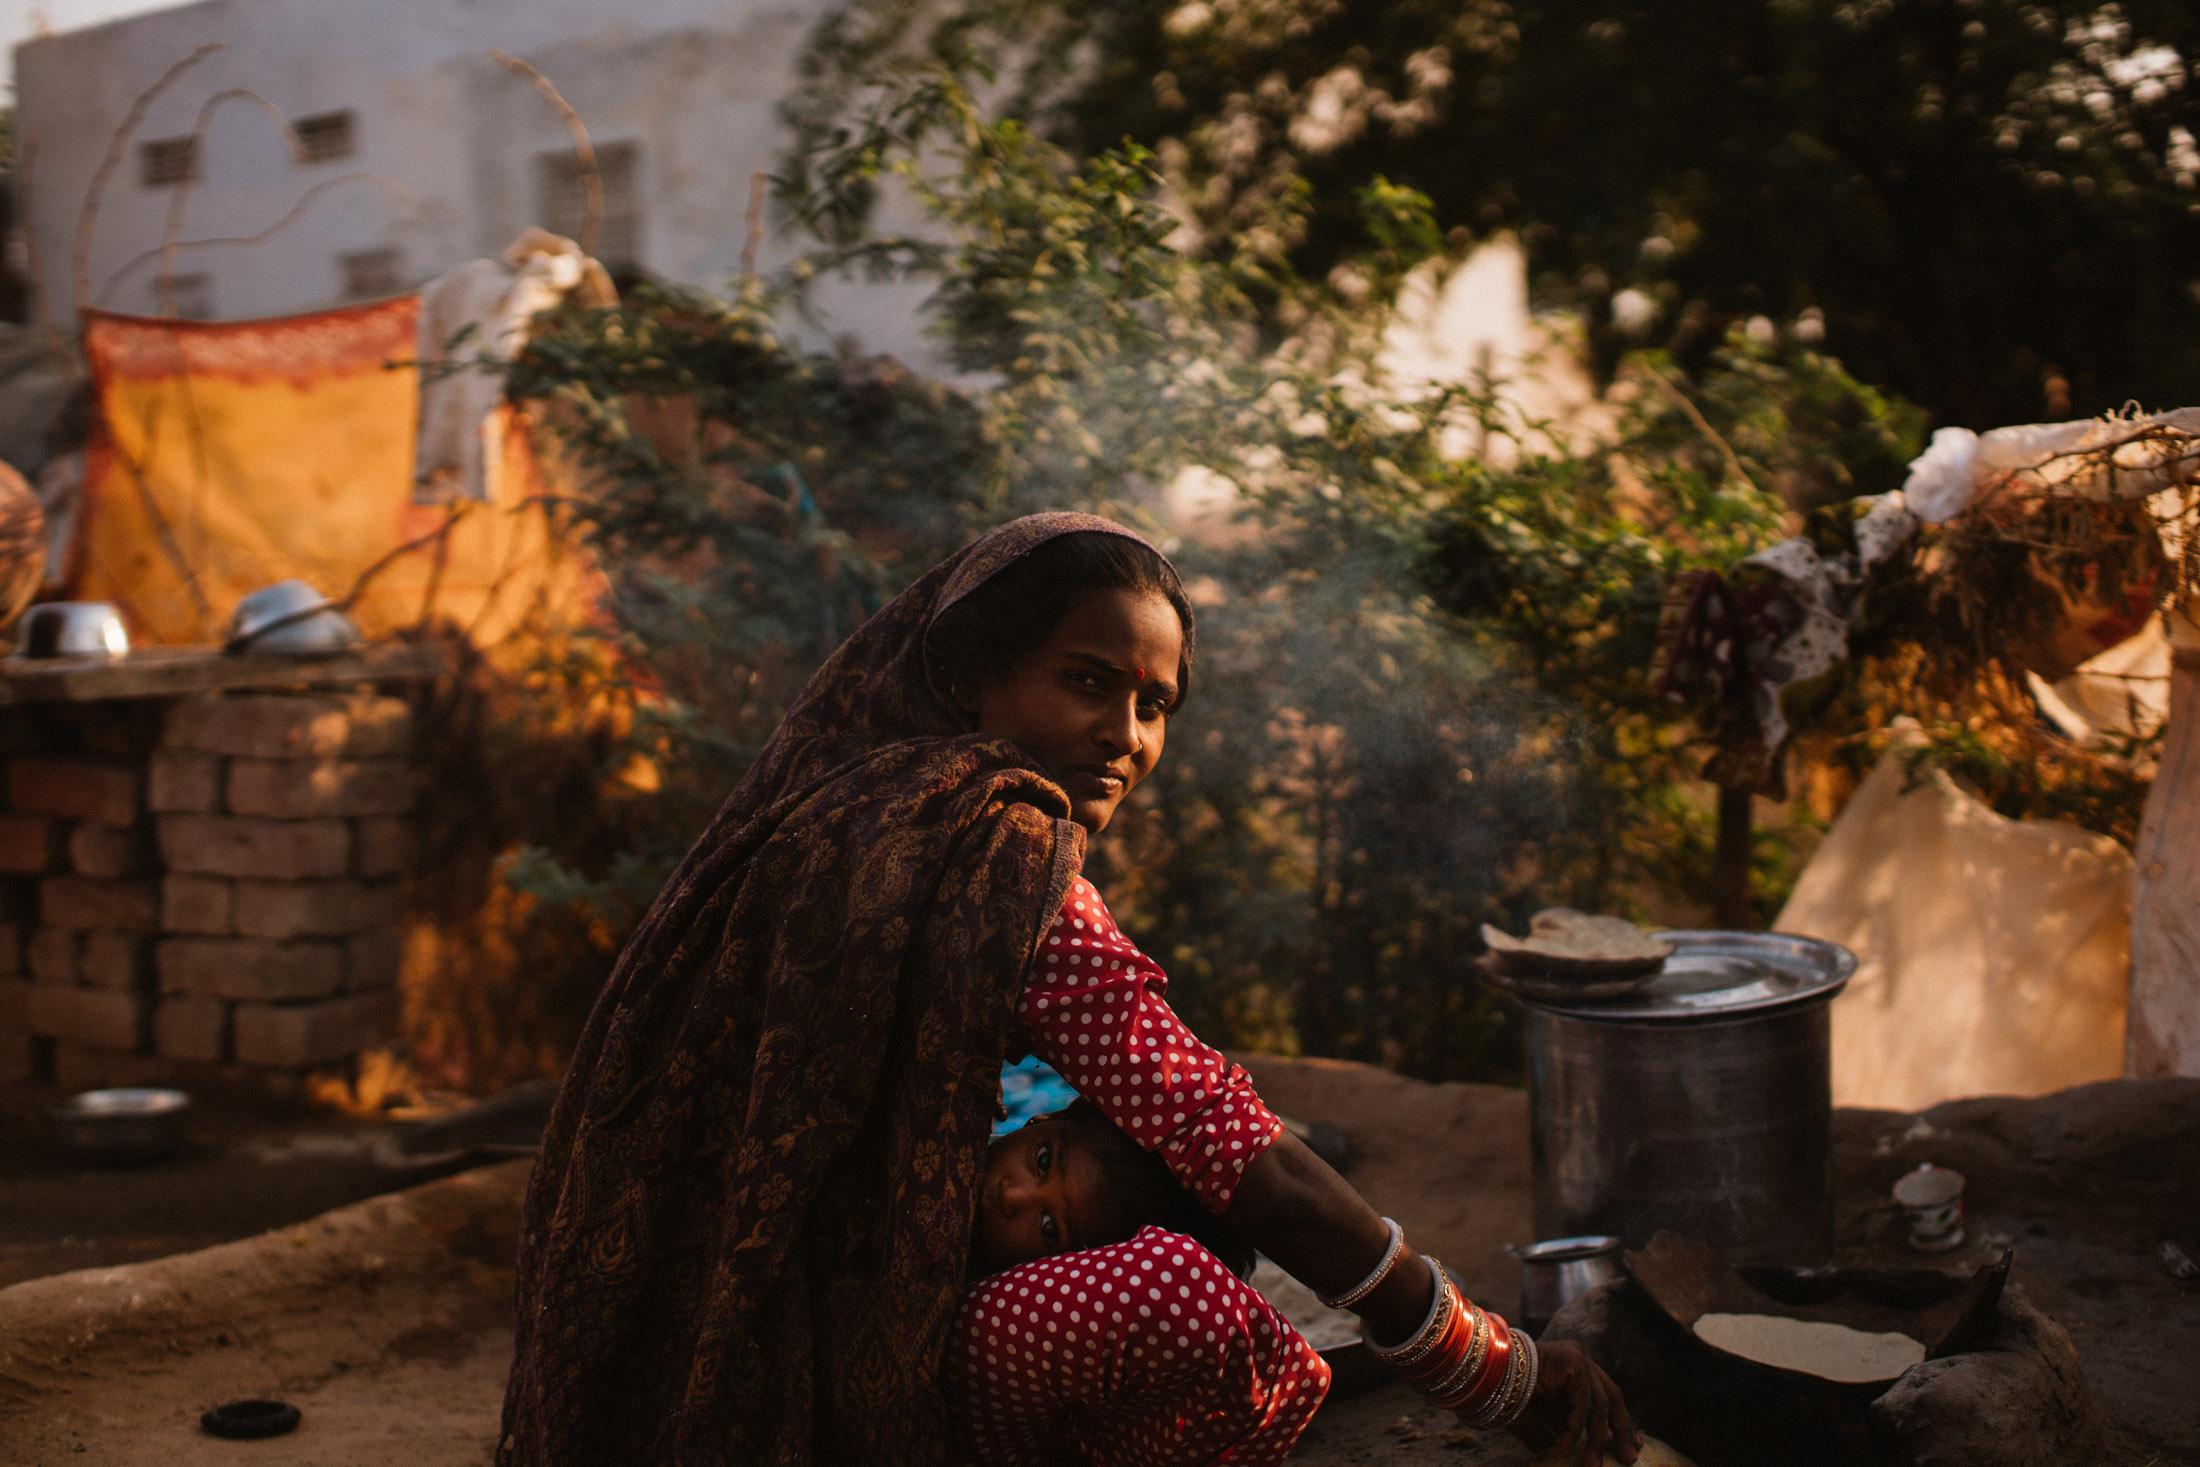 Pushkar Nov 2017-Dean Raphael Photography-132.jpg